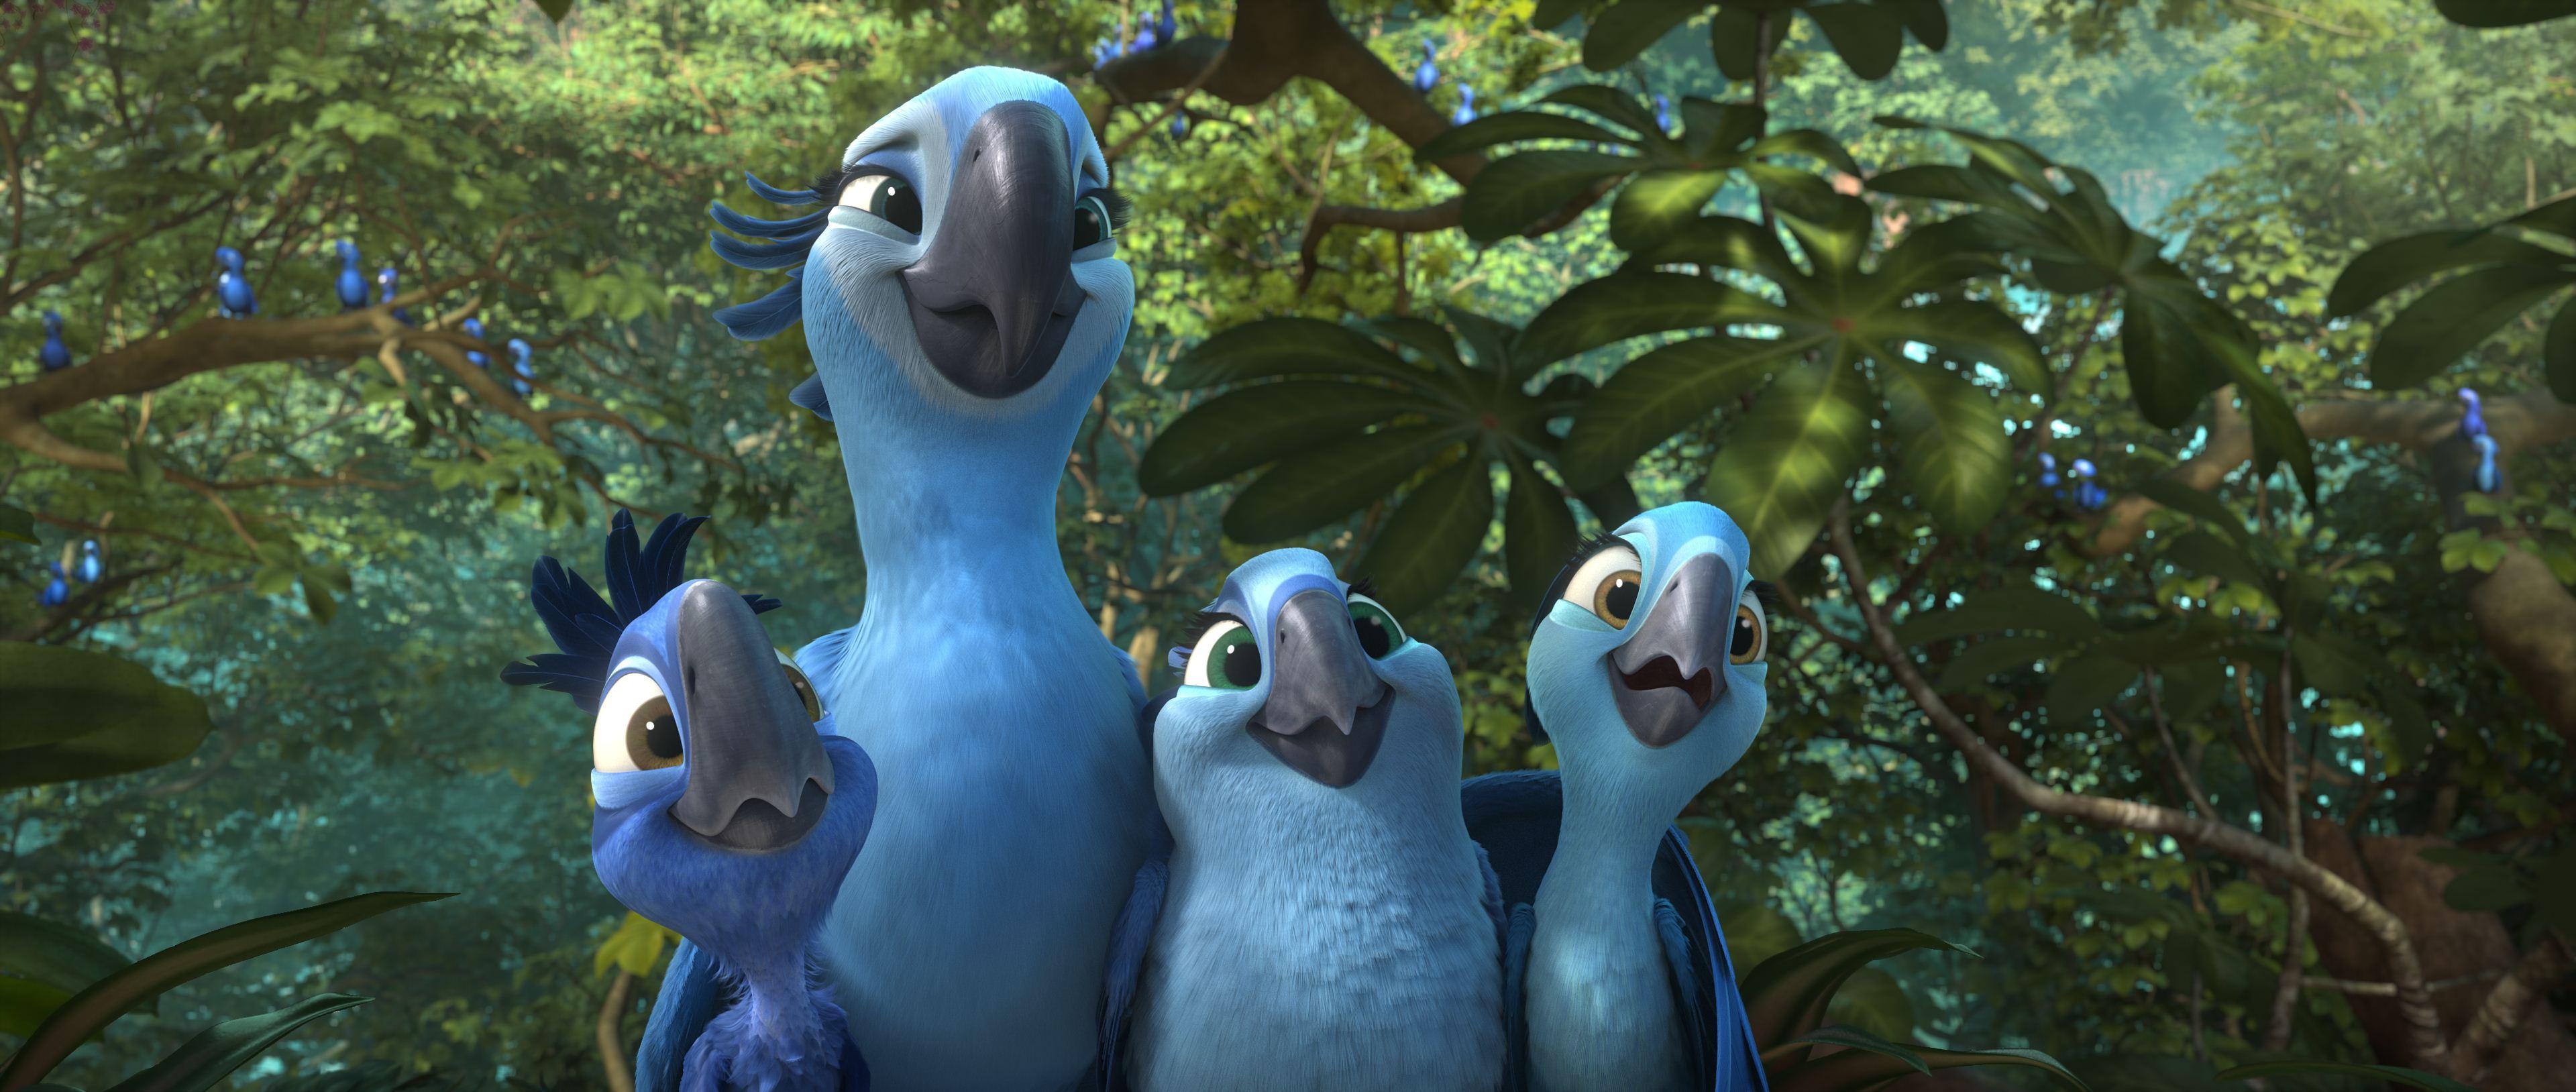 小蓝金刚鹦鹉因里约大冒险知名 已在野外灭绝